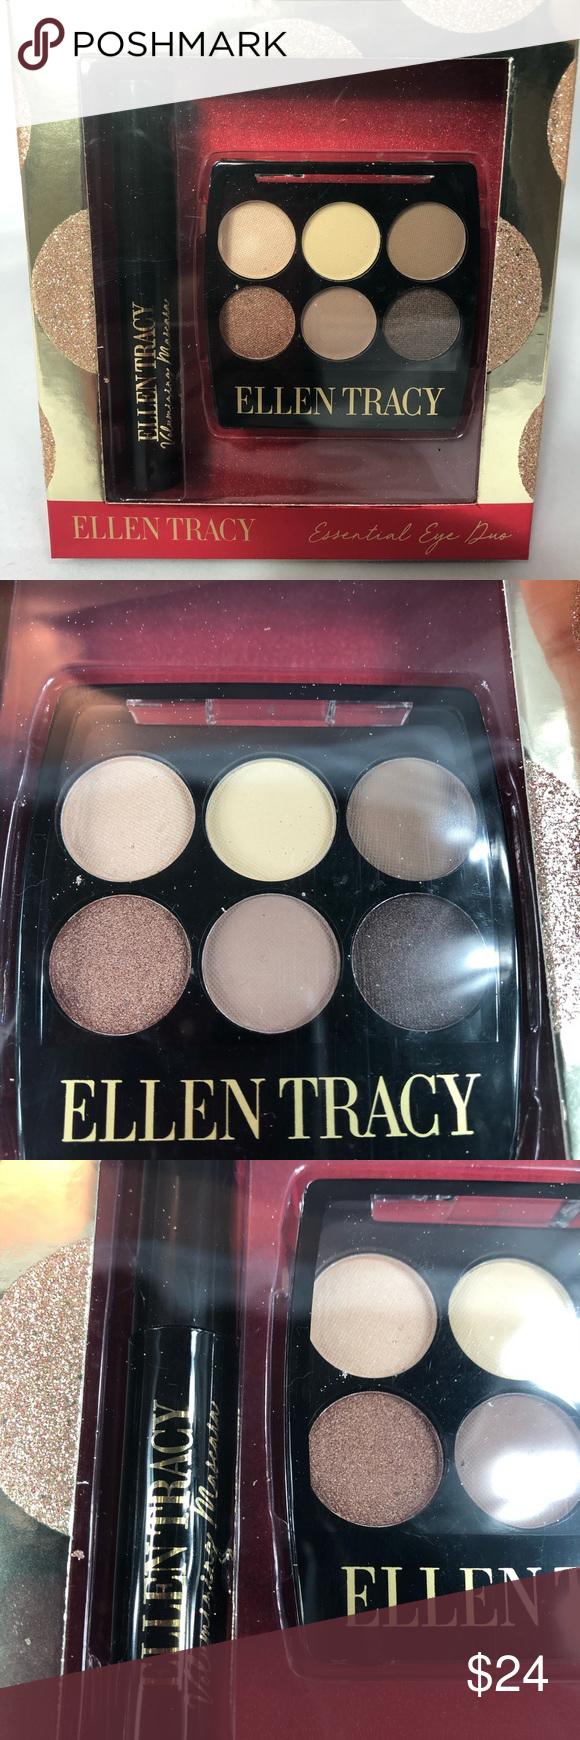 (3/25)ELLEN TRACY ESSENTIAL EYE DUO MAKEUP SET